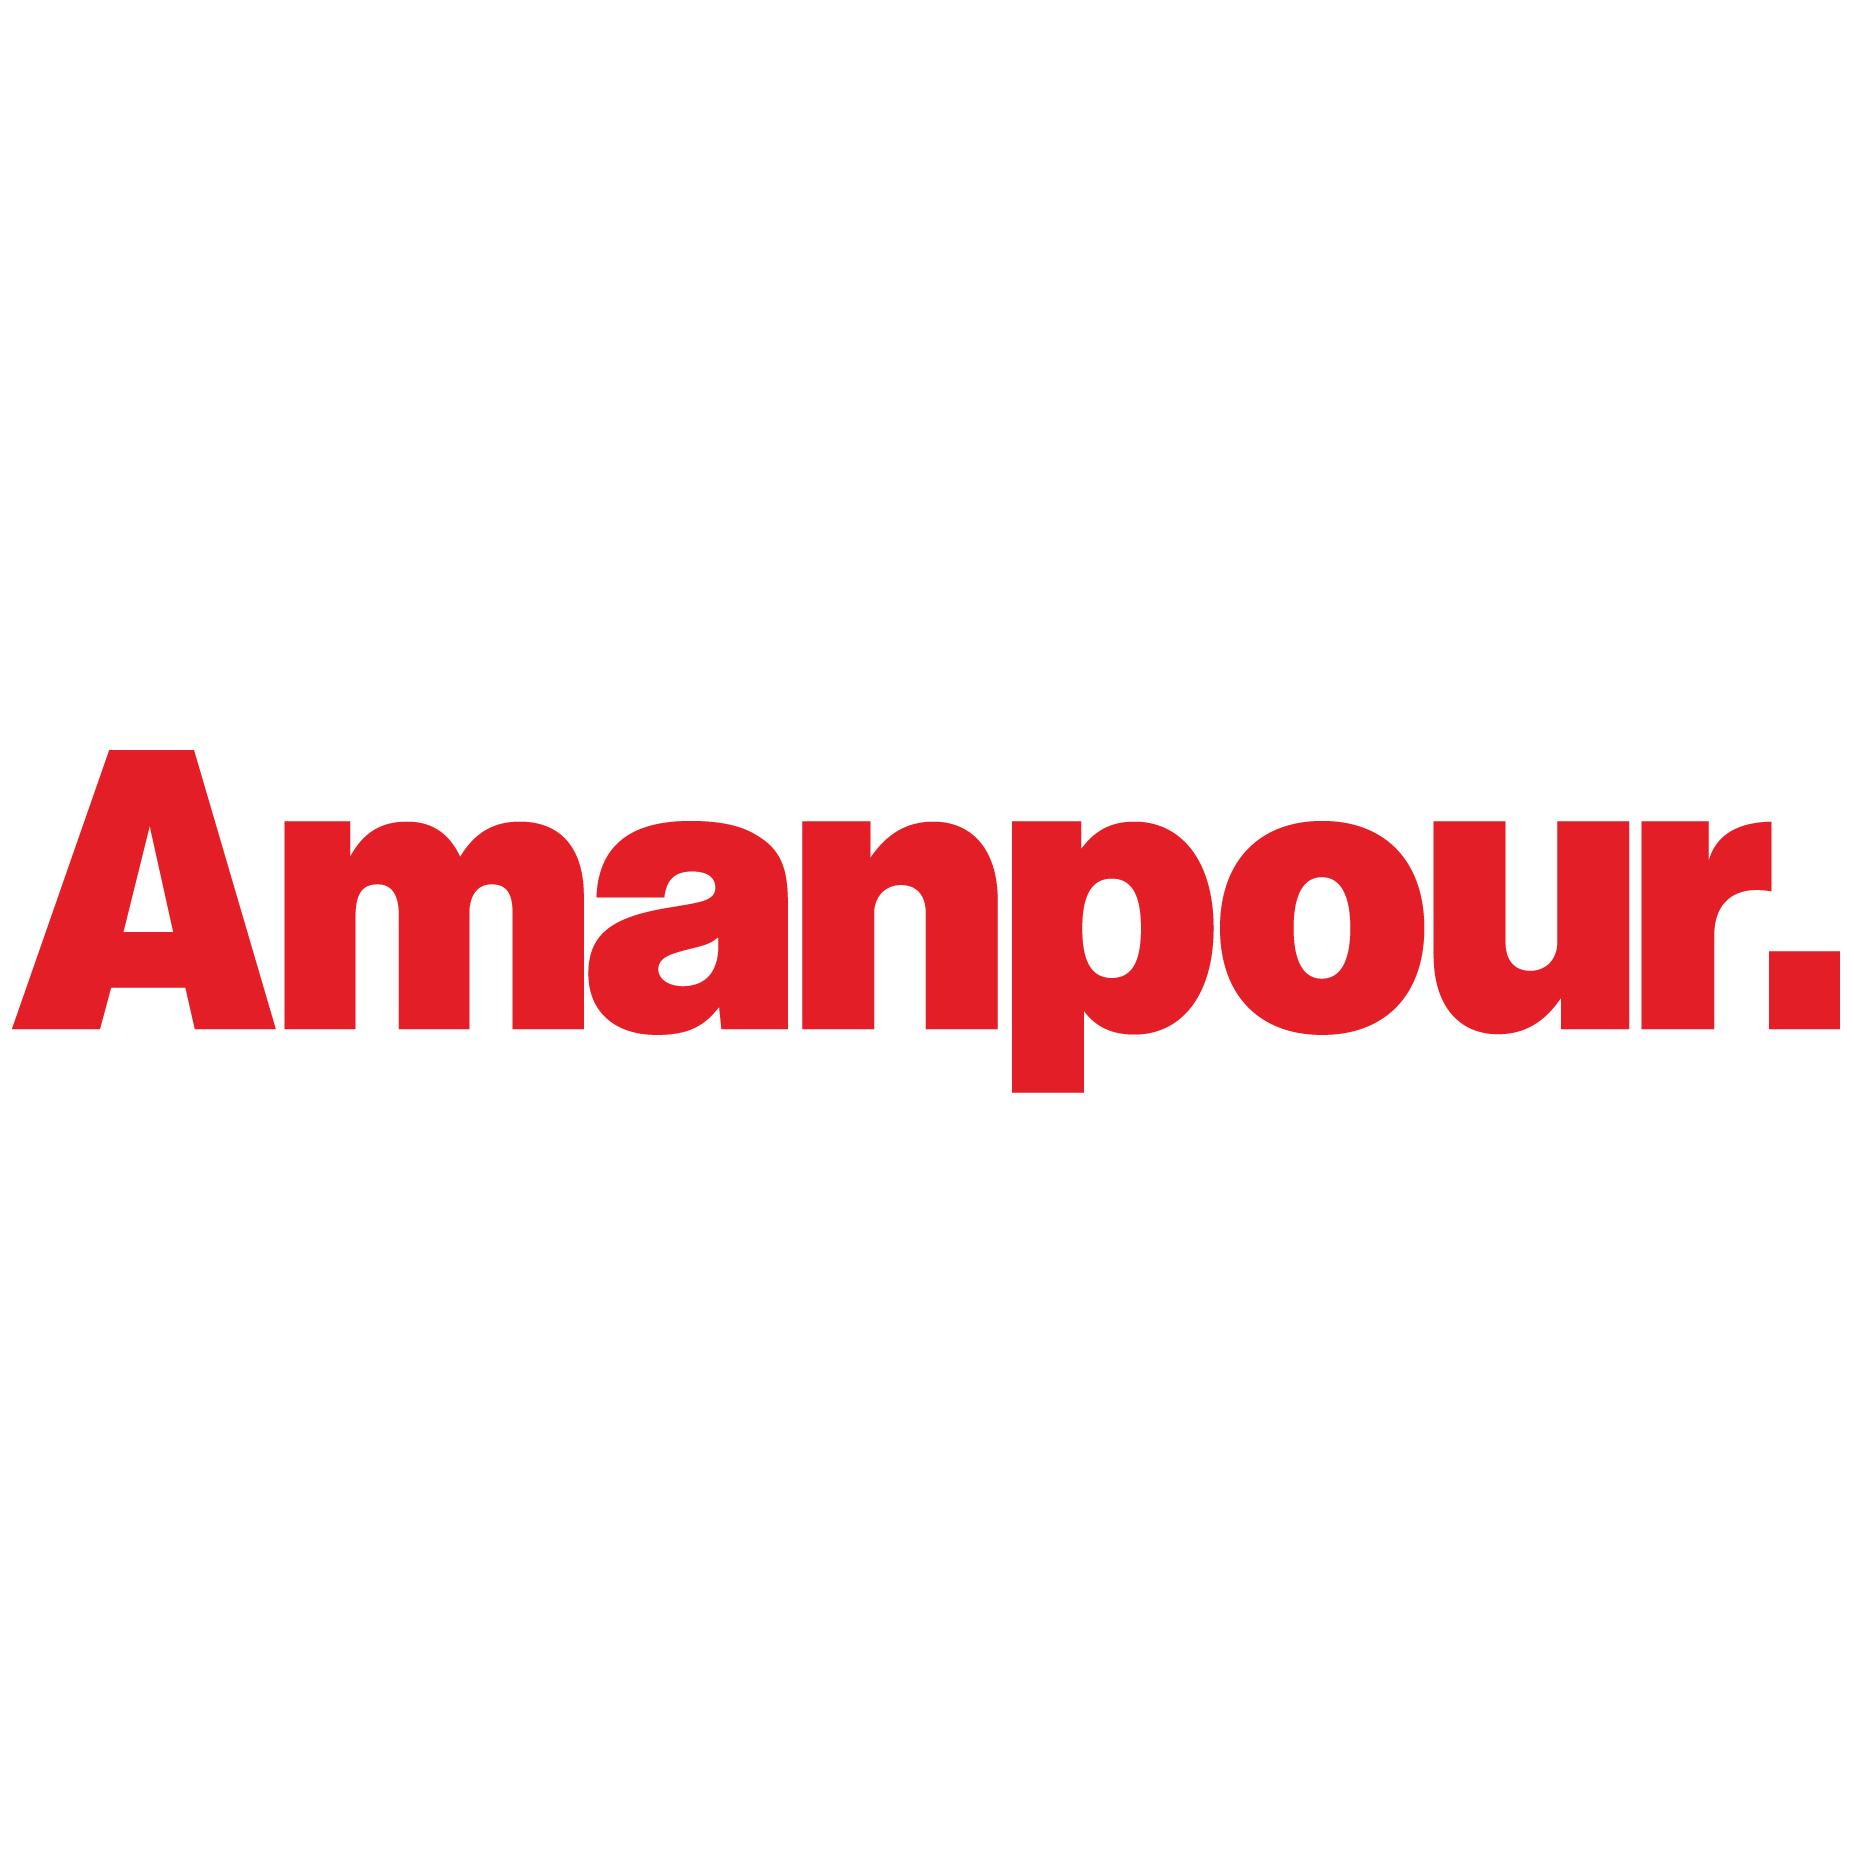 AMANPOURL_1-prsrm.jpg